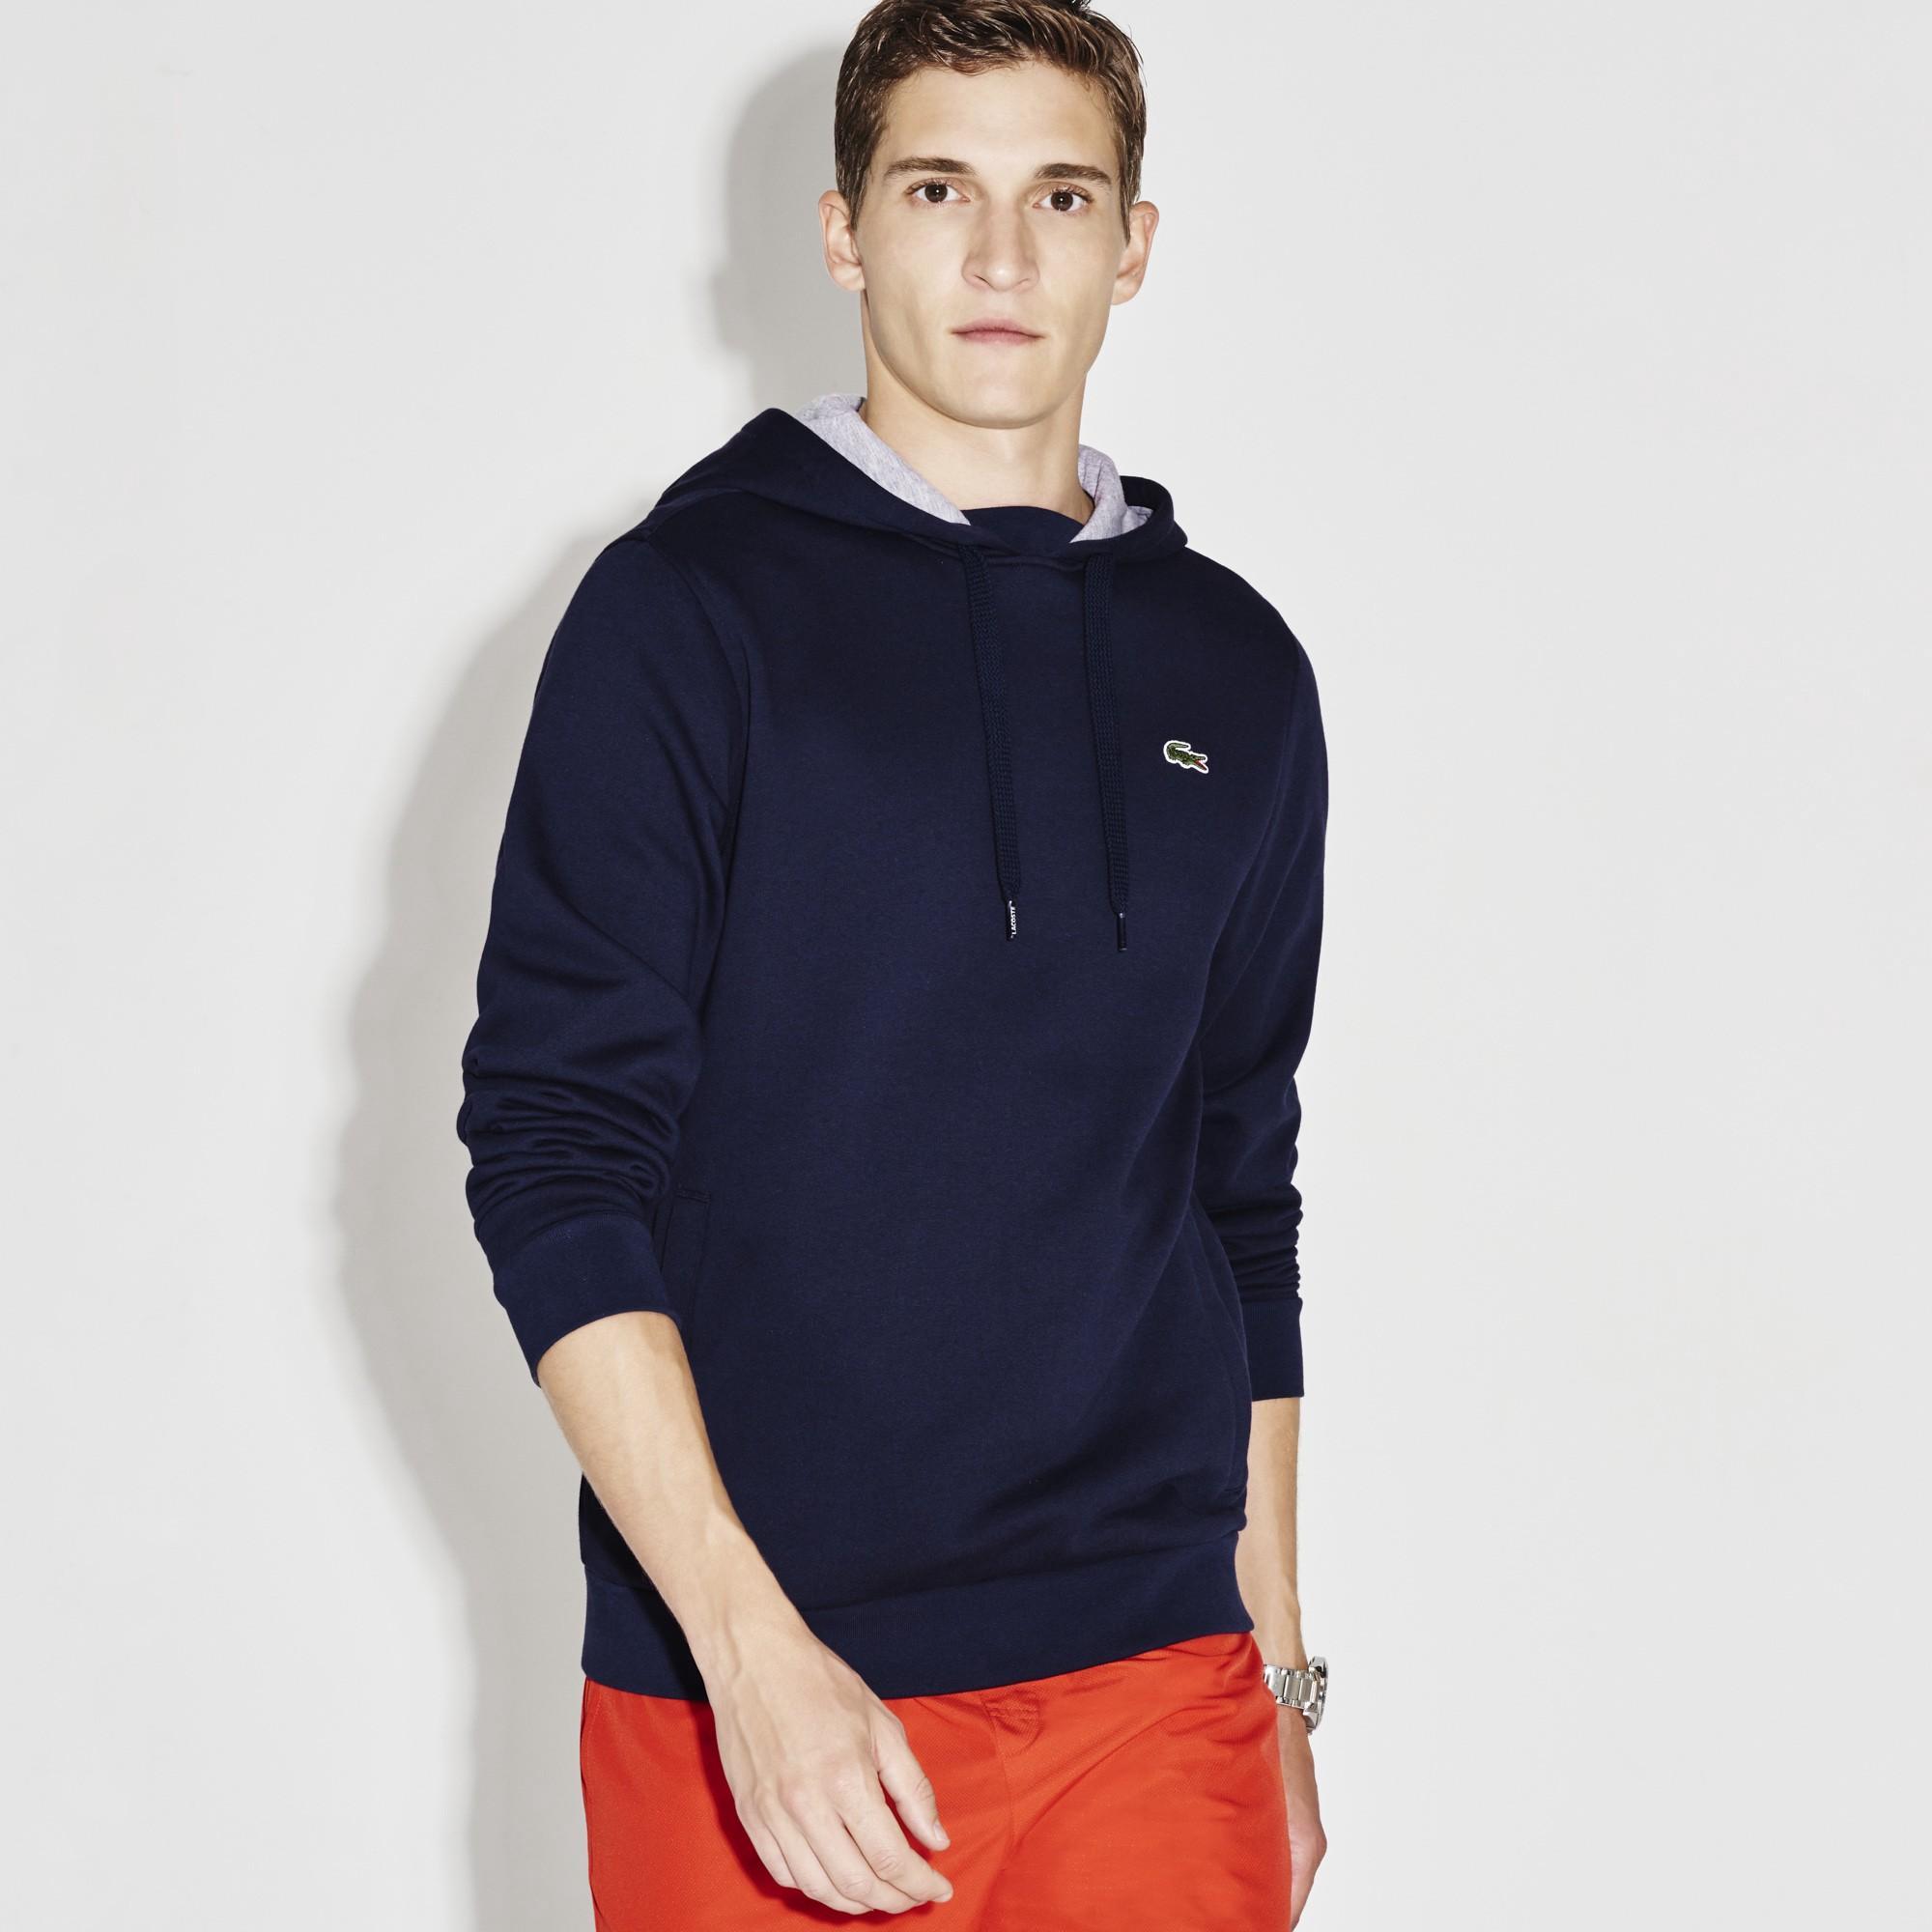 10a66f2ae1 Men's Sport Hooded Fleece Tennis Sweatshirt in Navy Blue